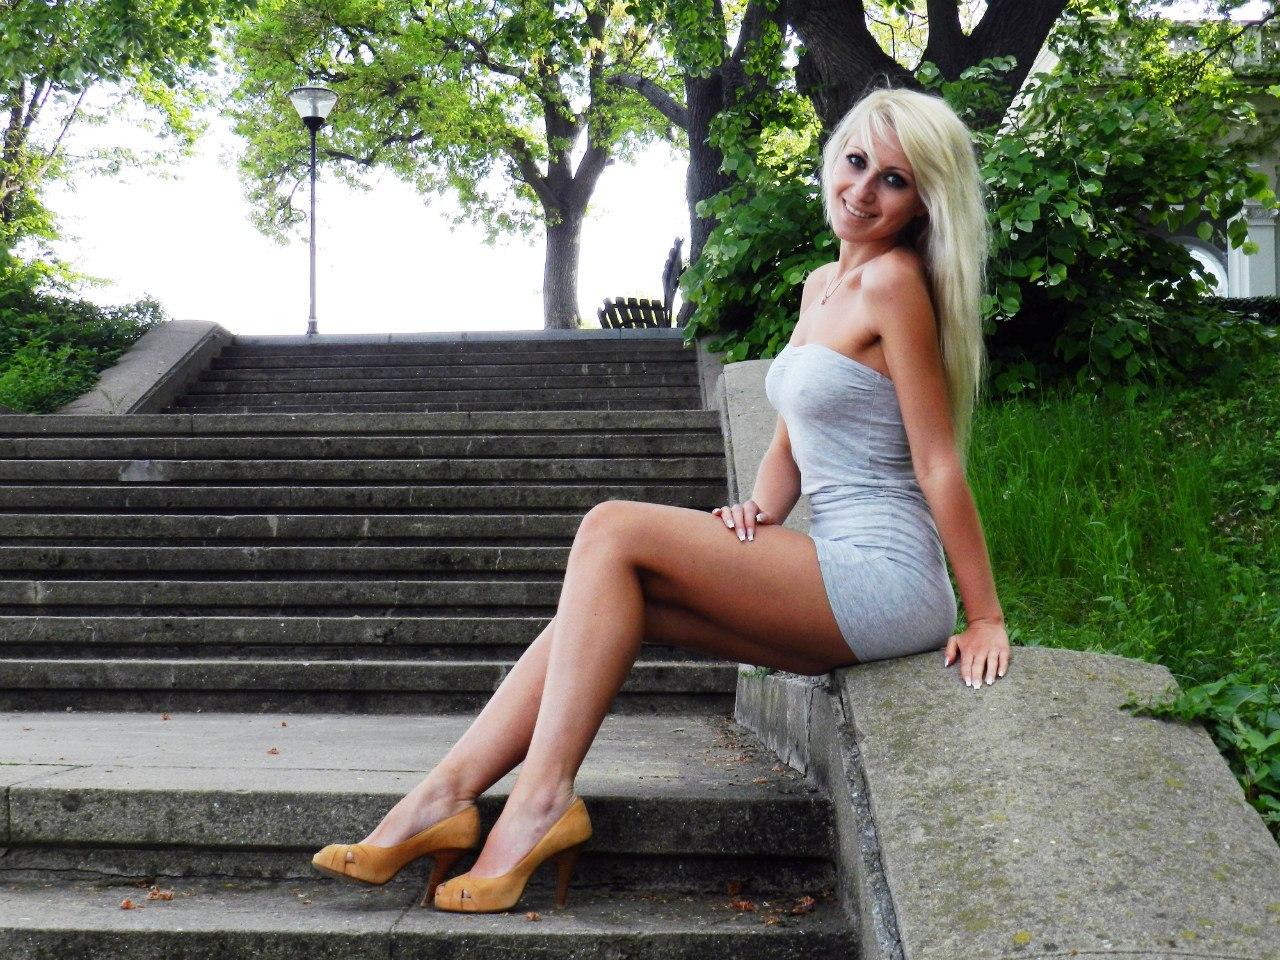 Красотка блондинка в бежевом мини-платье